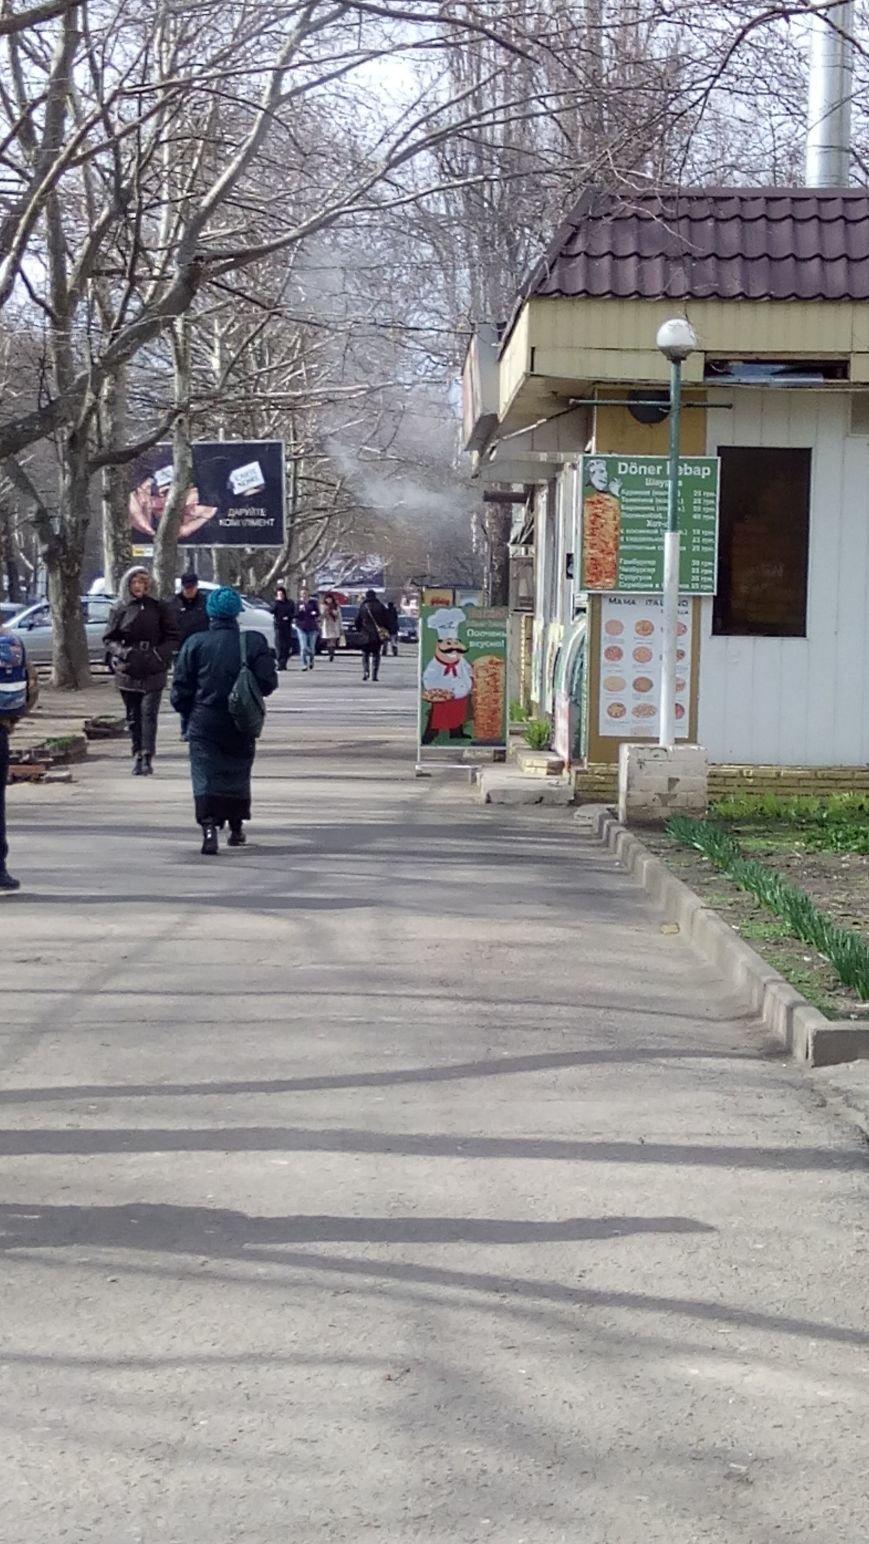 953d6713f95b93aa92d9704ad6171304 Одесское кафе пускает струю дыма в прохожих